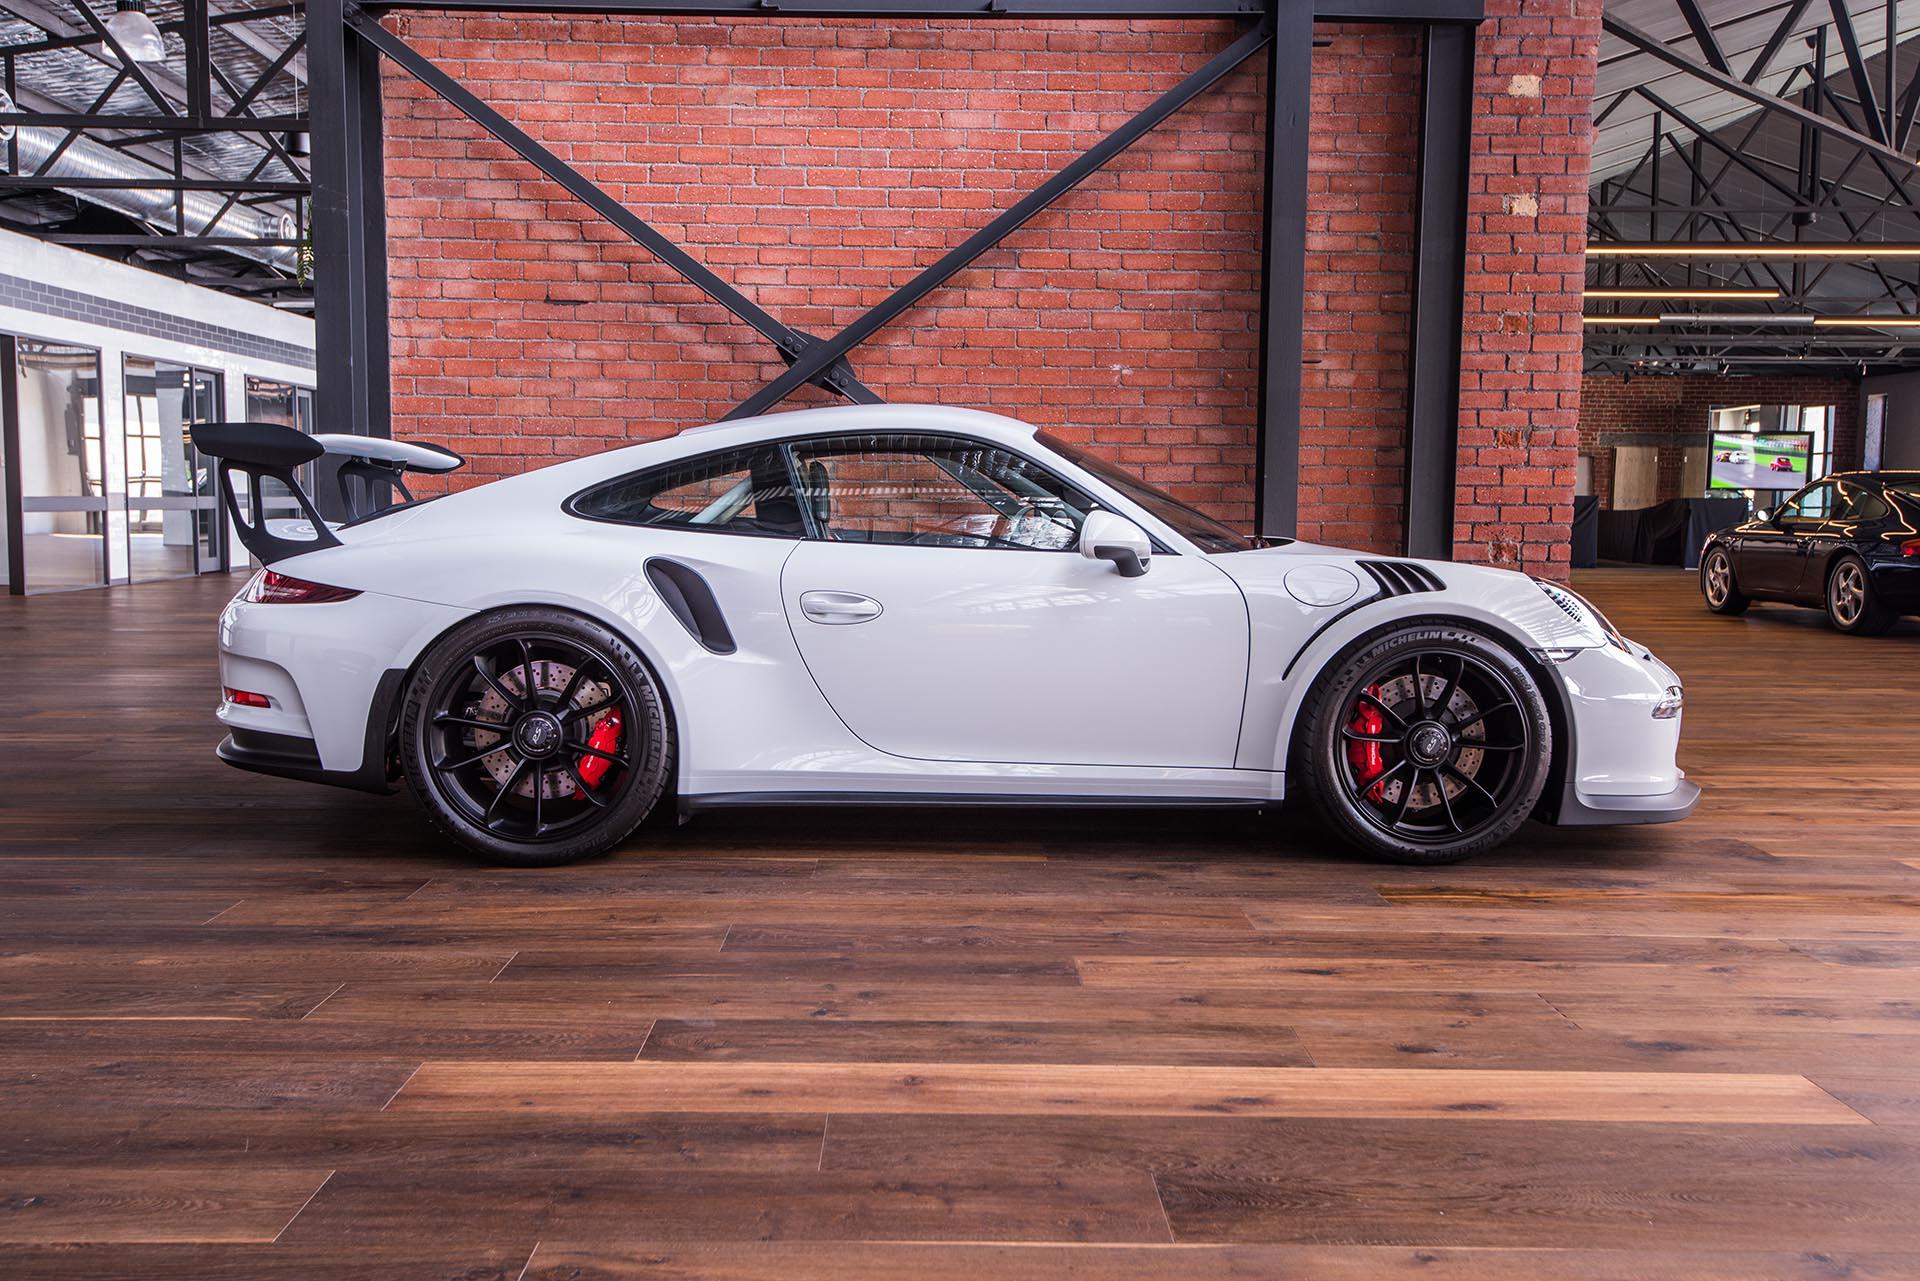 Porsche 911 Gt3rs - Richmonds